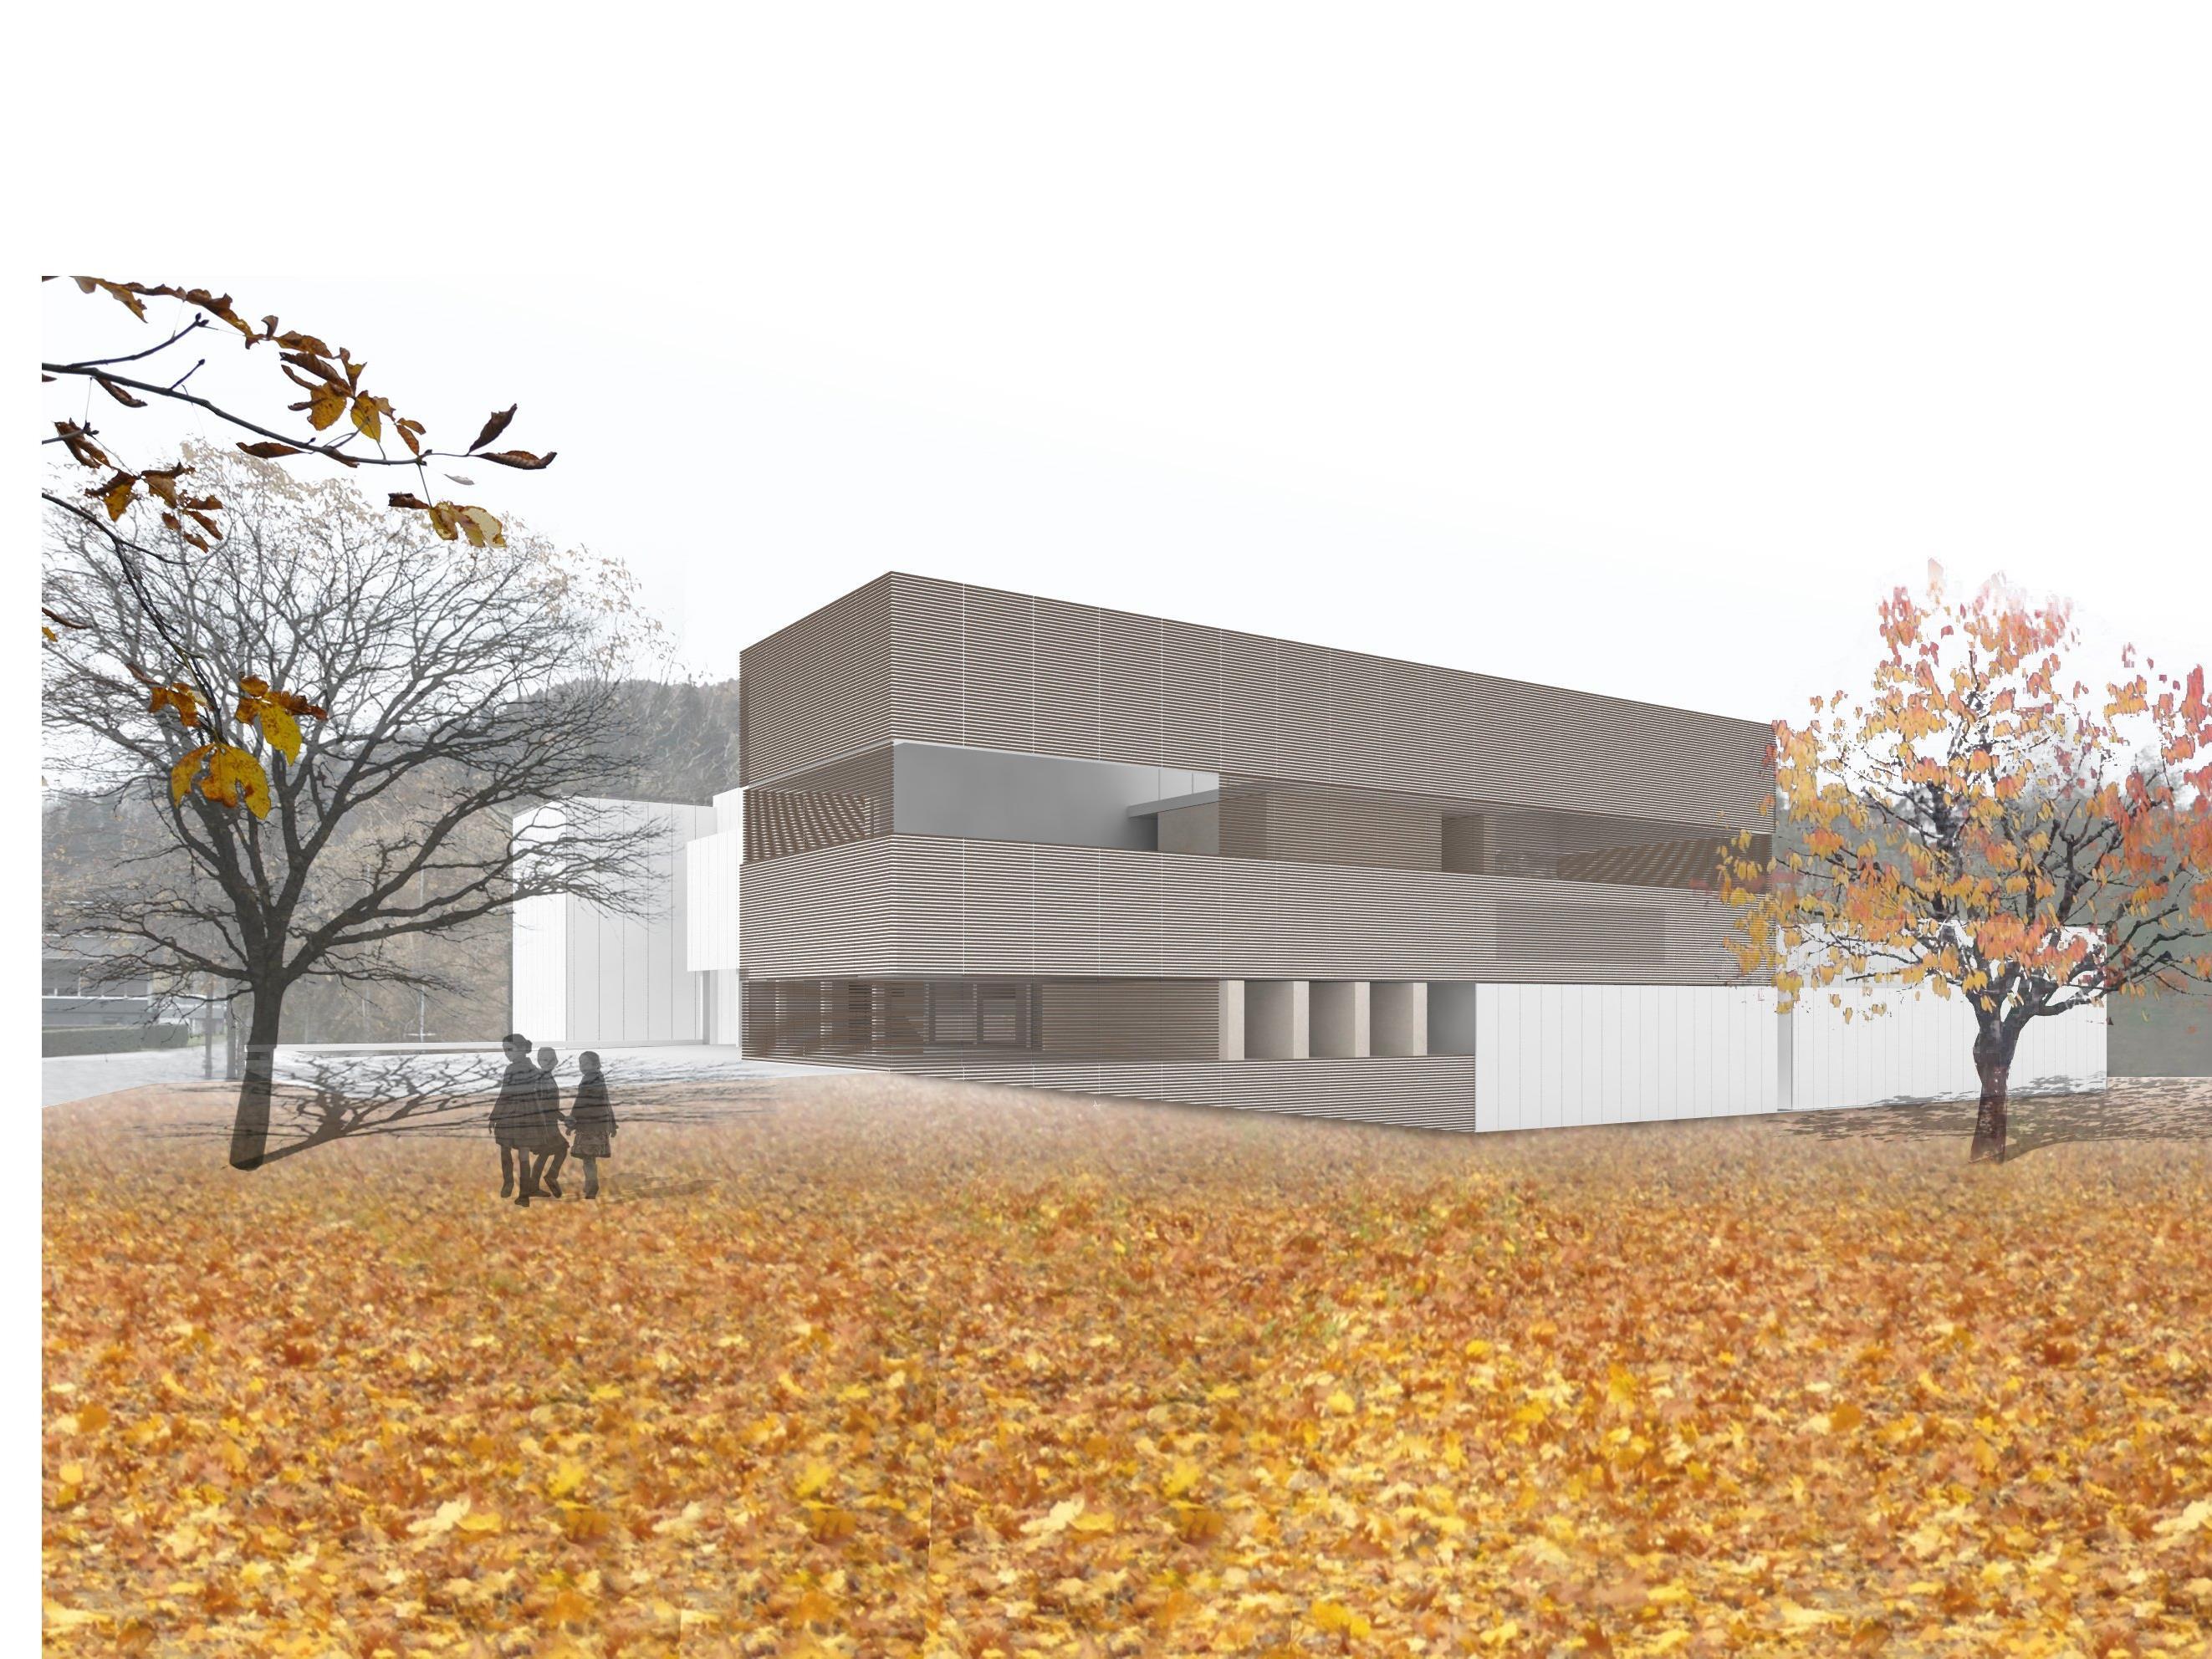 Das Bundesoberstufenrealgymnasium in Egg wird nach den Plänen von ao-architekten saniert und erweitert.